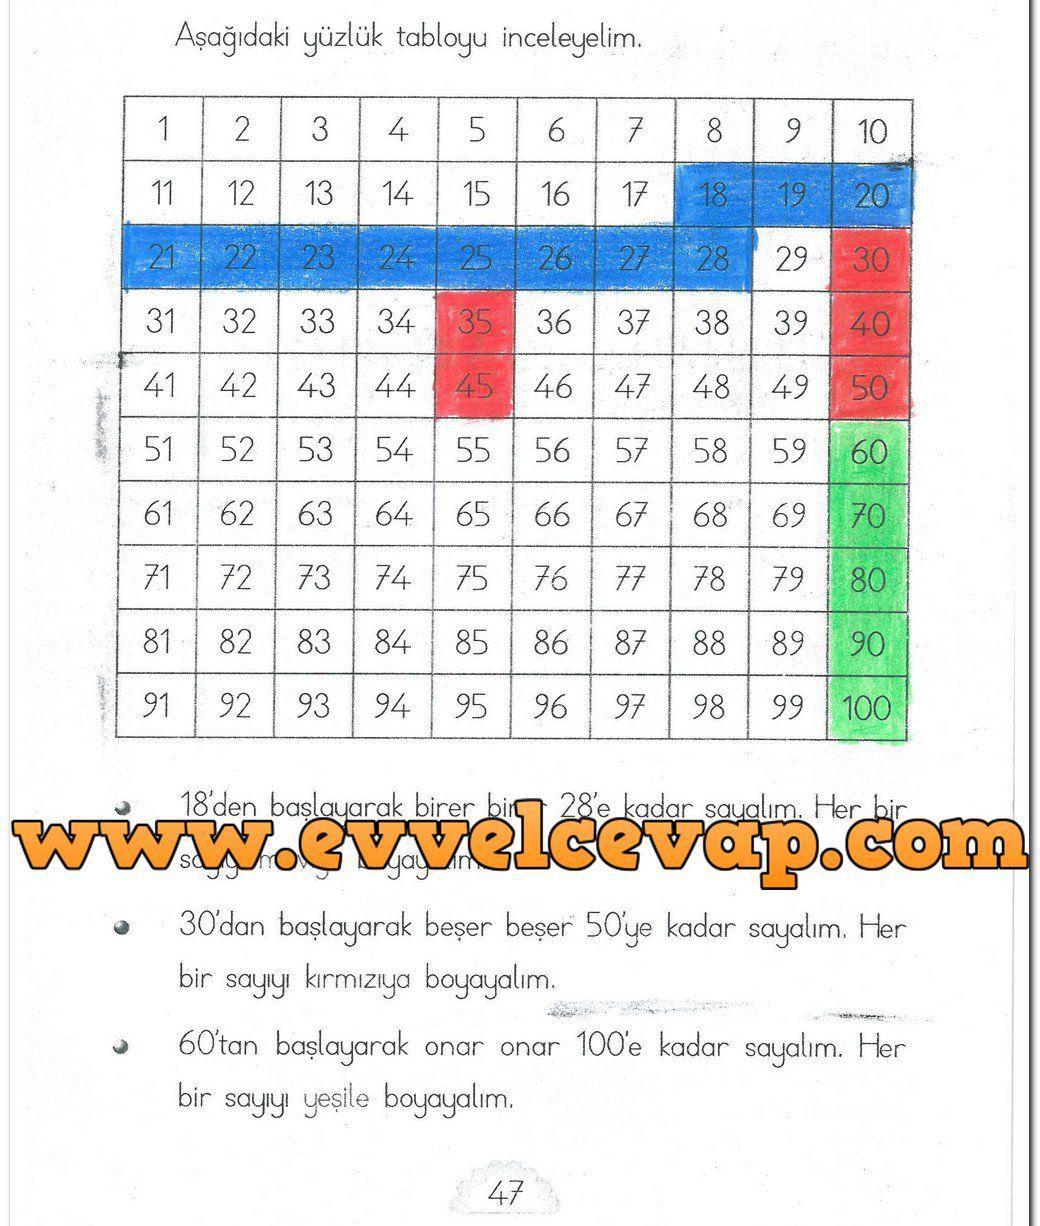 1 Sinif Mhg Yayinlari Matematik Ders Kitabi Sayfa 47 Cevabi